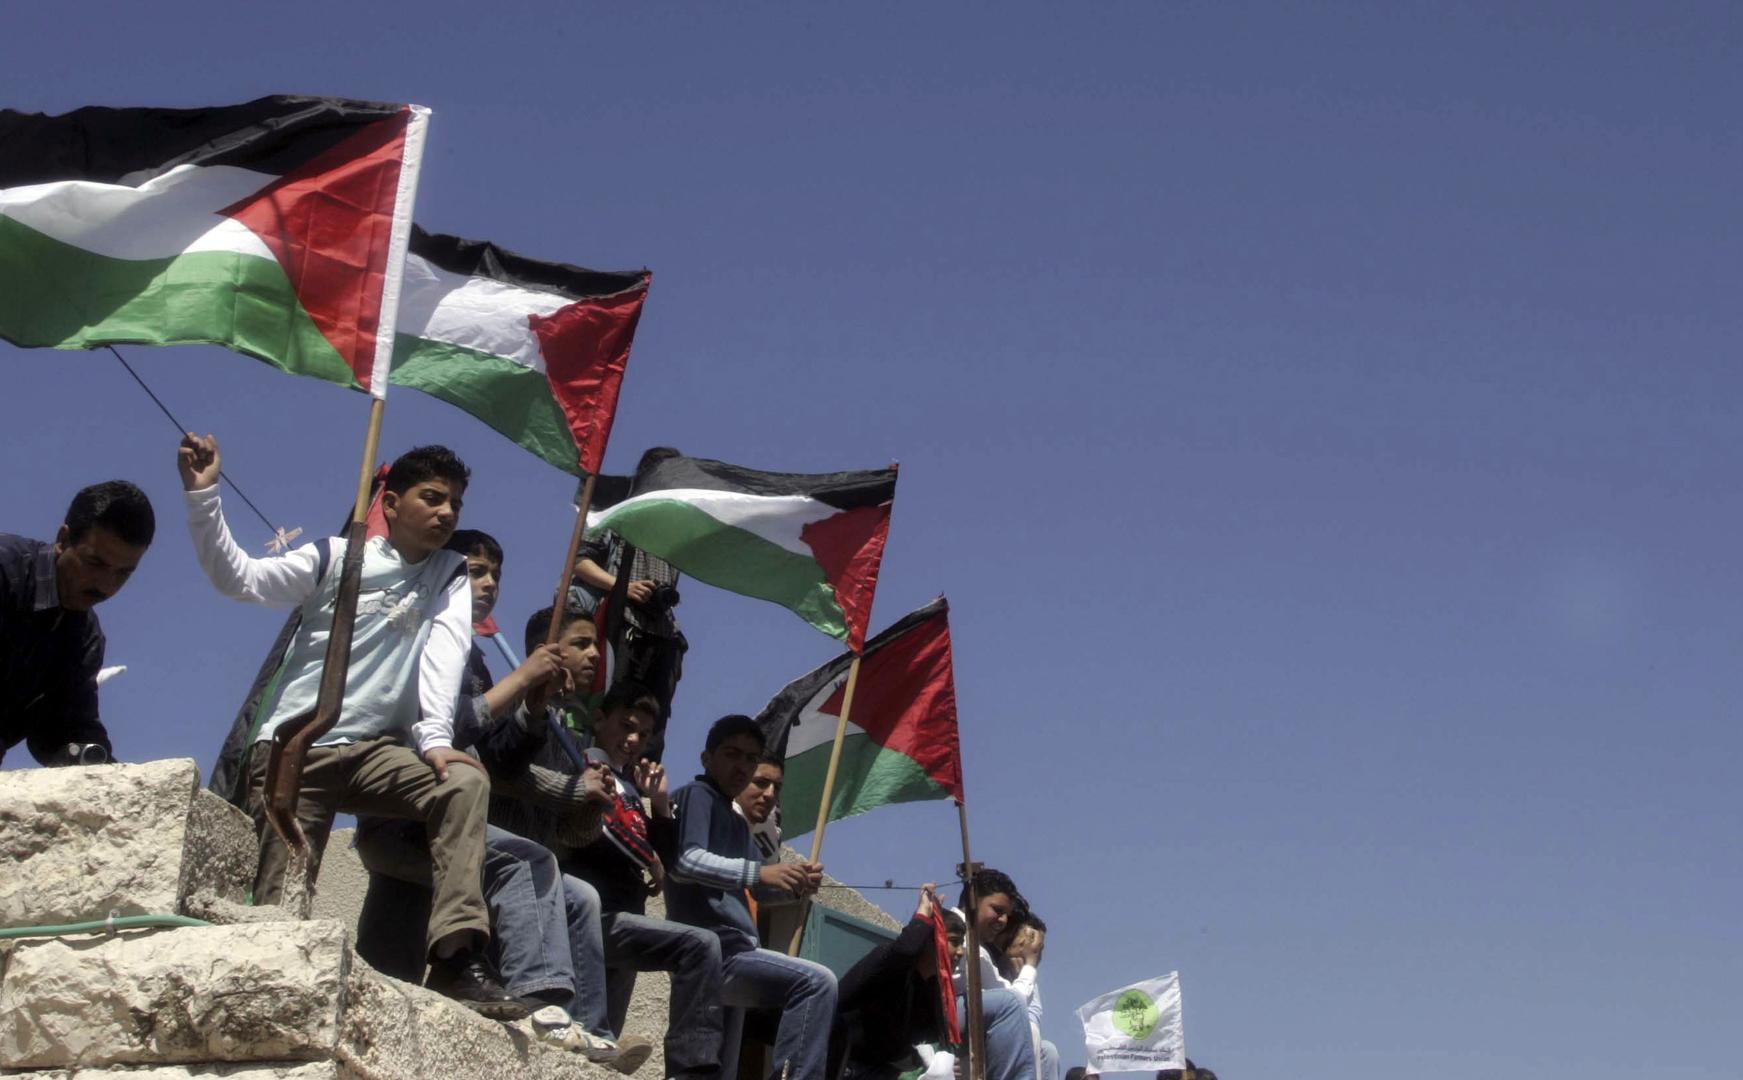 الفلسطينيون يحيون يوم الأرض ودعوات لتعزيز الوحدة الوطنية